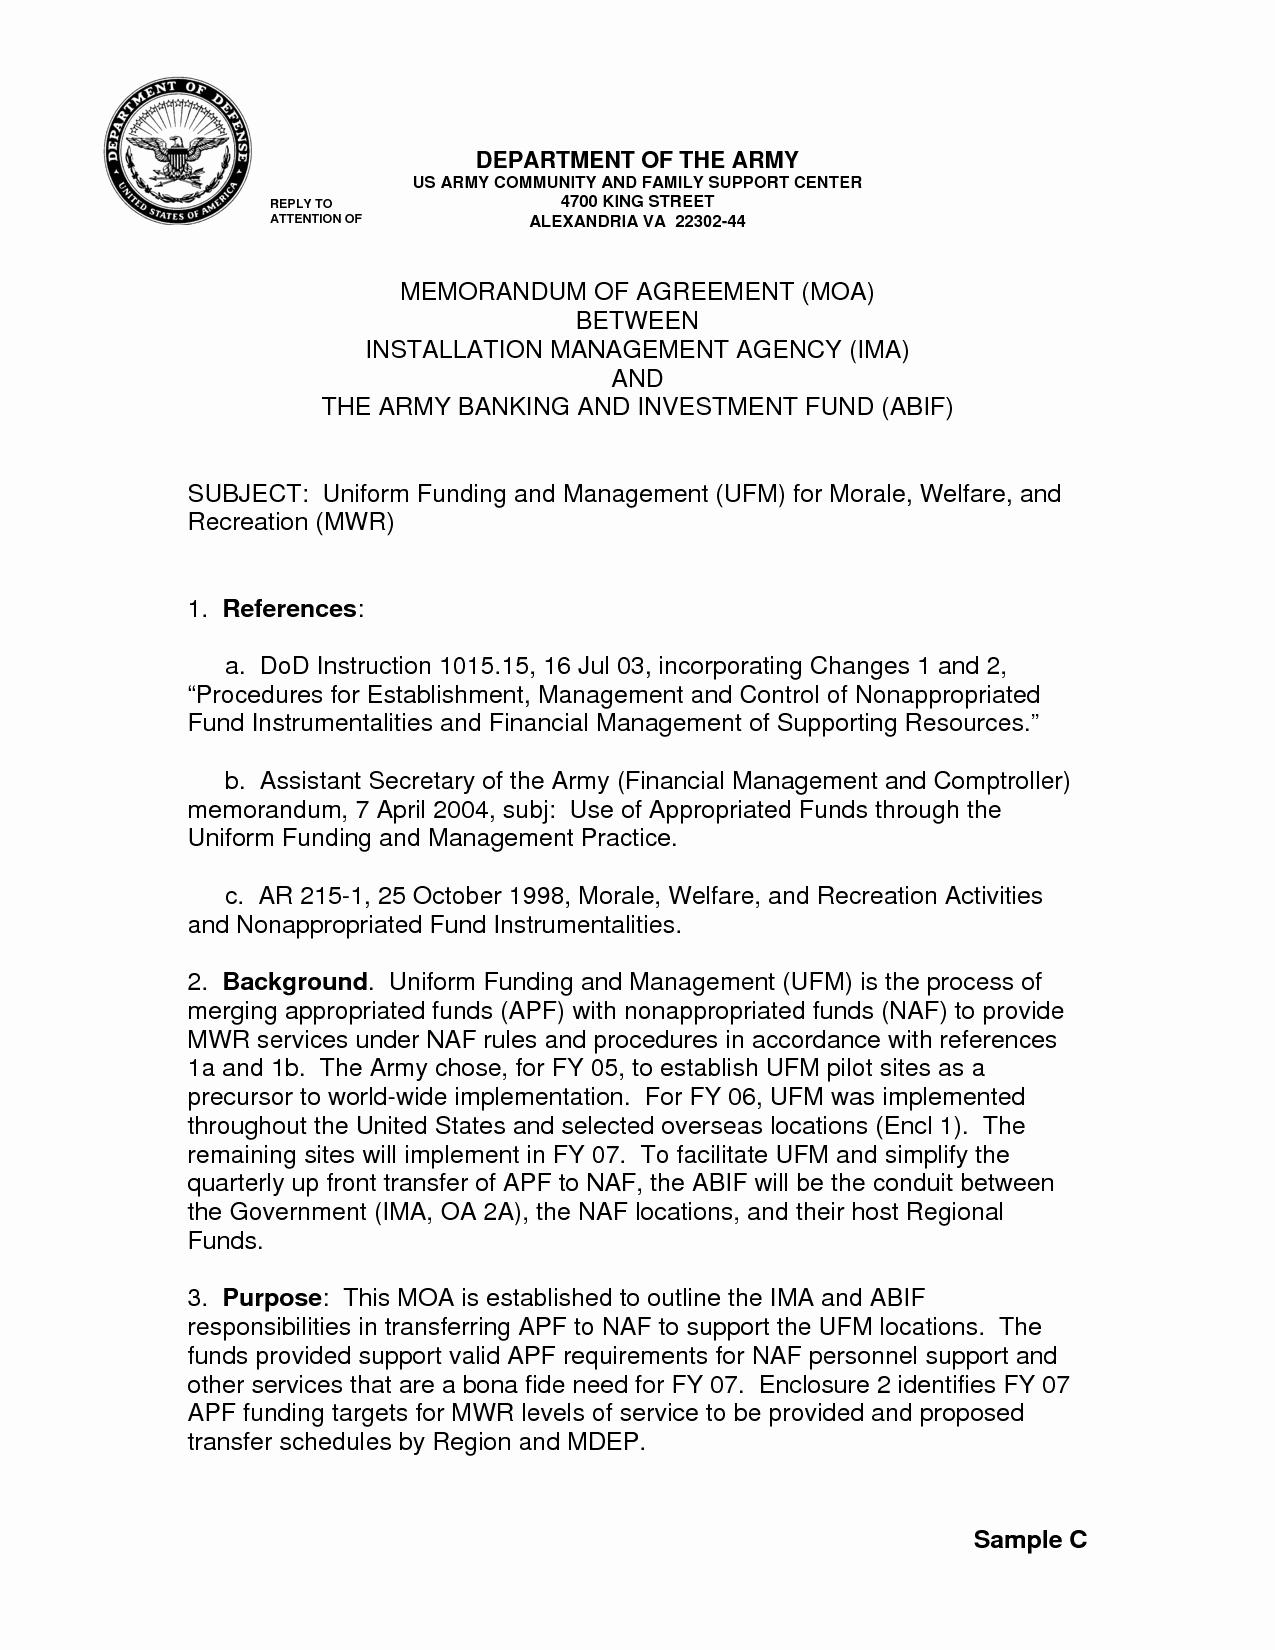 Memorandum Of Agreement Sample Lovely  Best Of Sample Memorandum With Regard To Memorandum Of Agreement Template Army